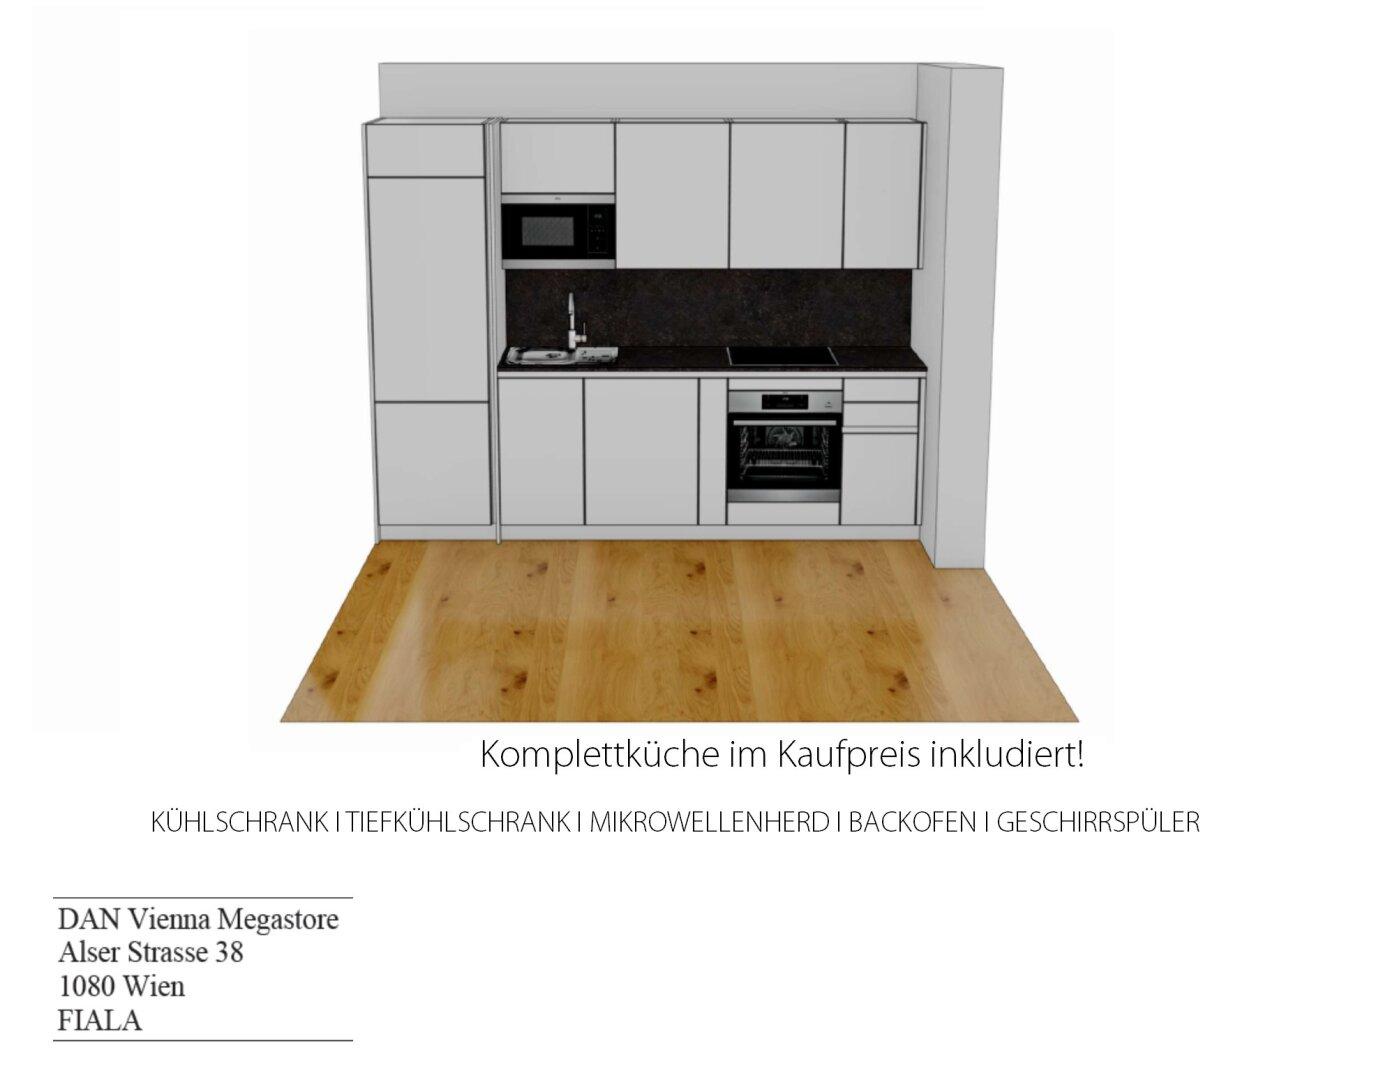 Komplettküche im Kaufpreis inkludiert